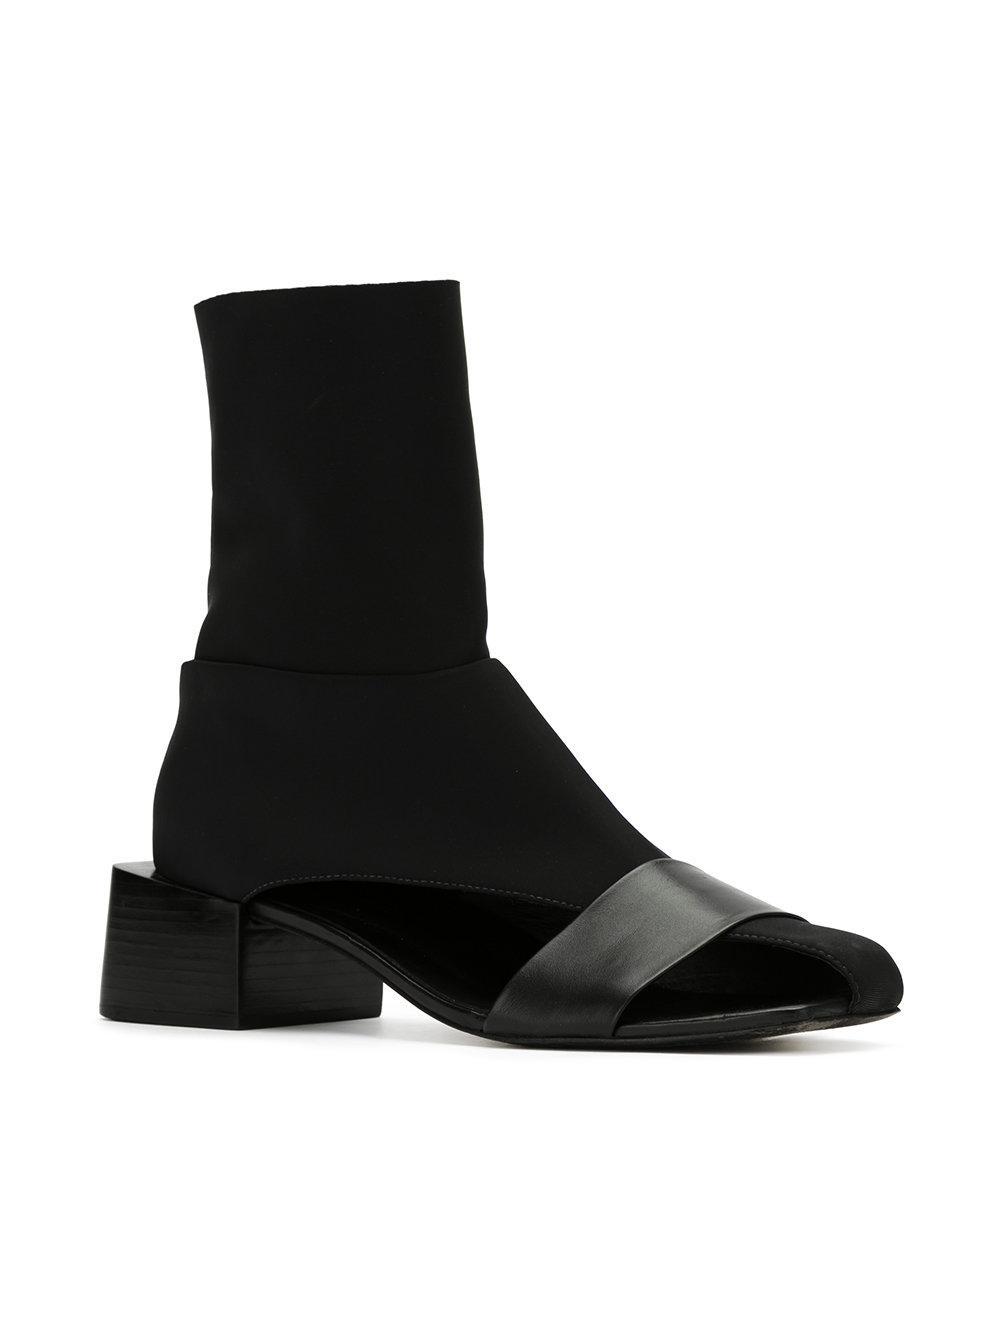 Real Gloria Coelho Luva boots - Black farfetch neri Precio Más Barato En Línea Barato WRNLmLN